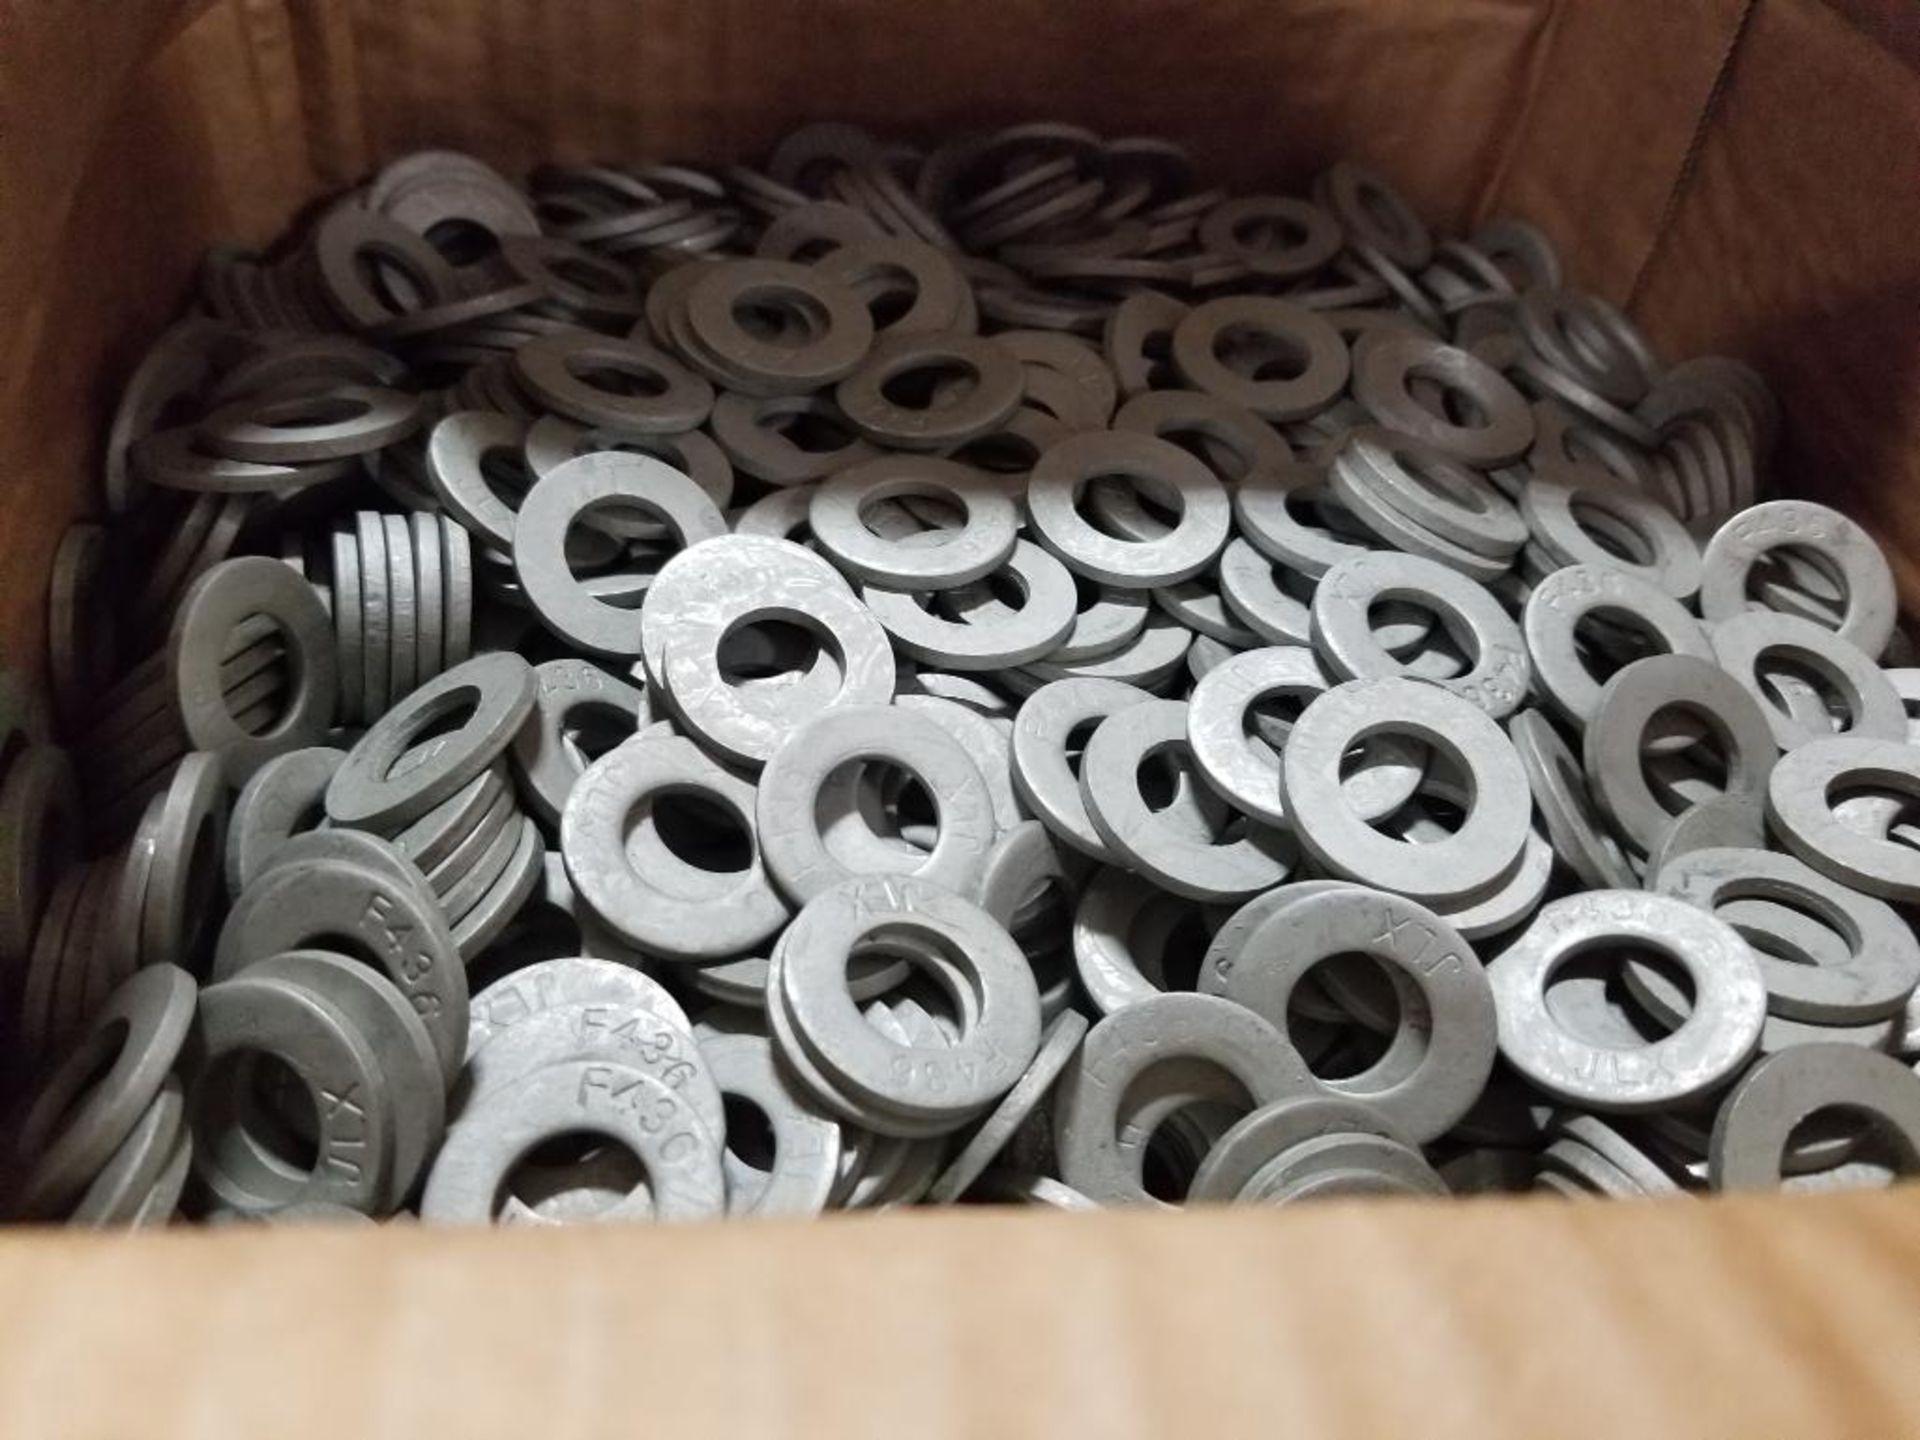 Fastener Technology 80687 1/2 x 1.062 x .095 Flat washer hardened. - Image 3 of 3